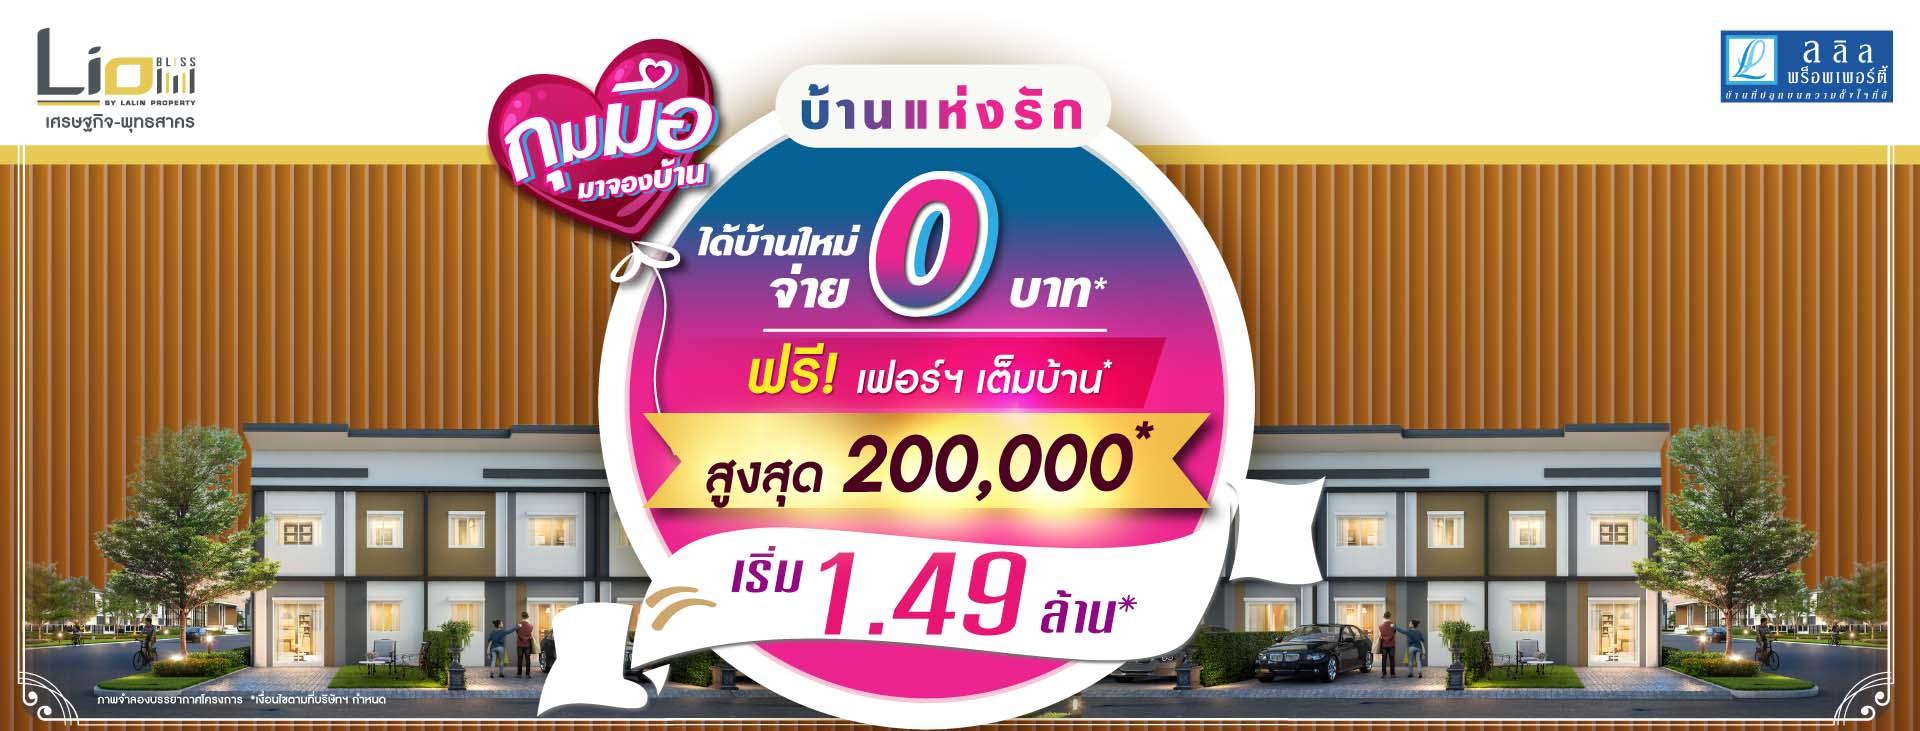 Lio-BLISS-เศรษฐกิจ-พุทธสาคร-บ้านพุทธสาคร-ทาวน์โฮมพุทธสาคร